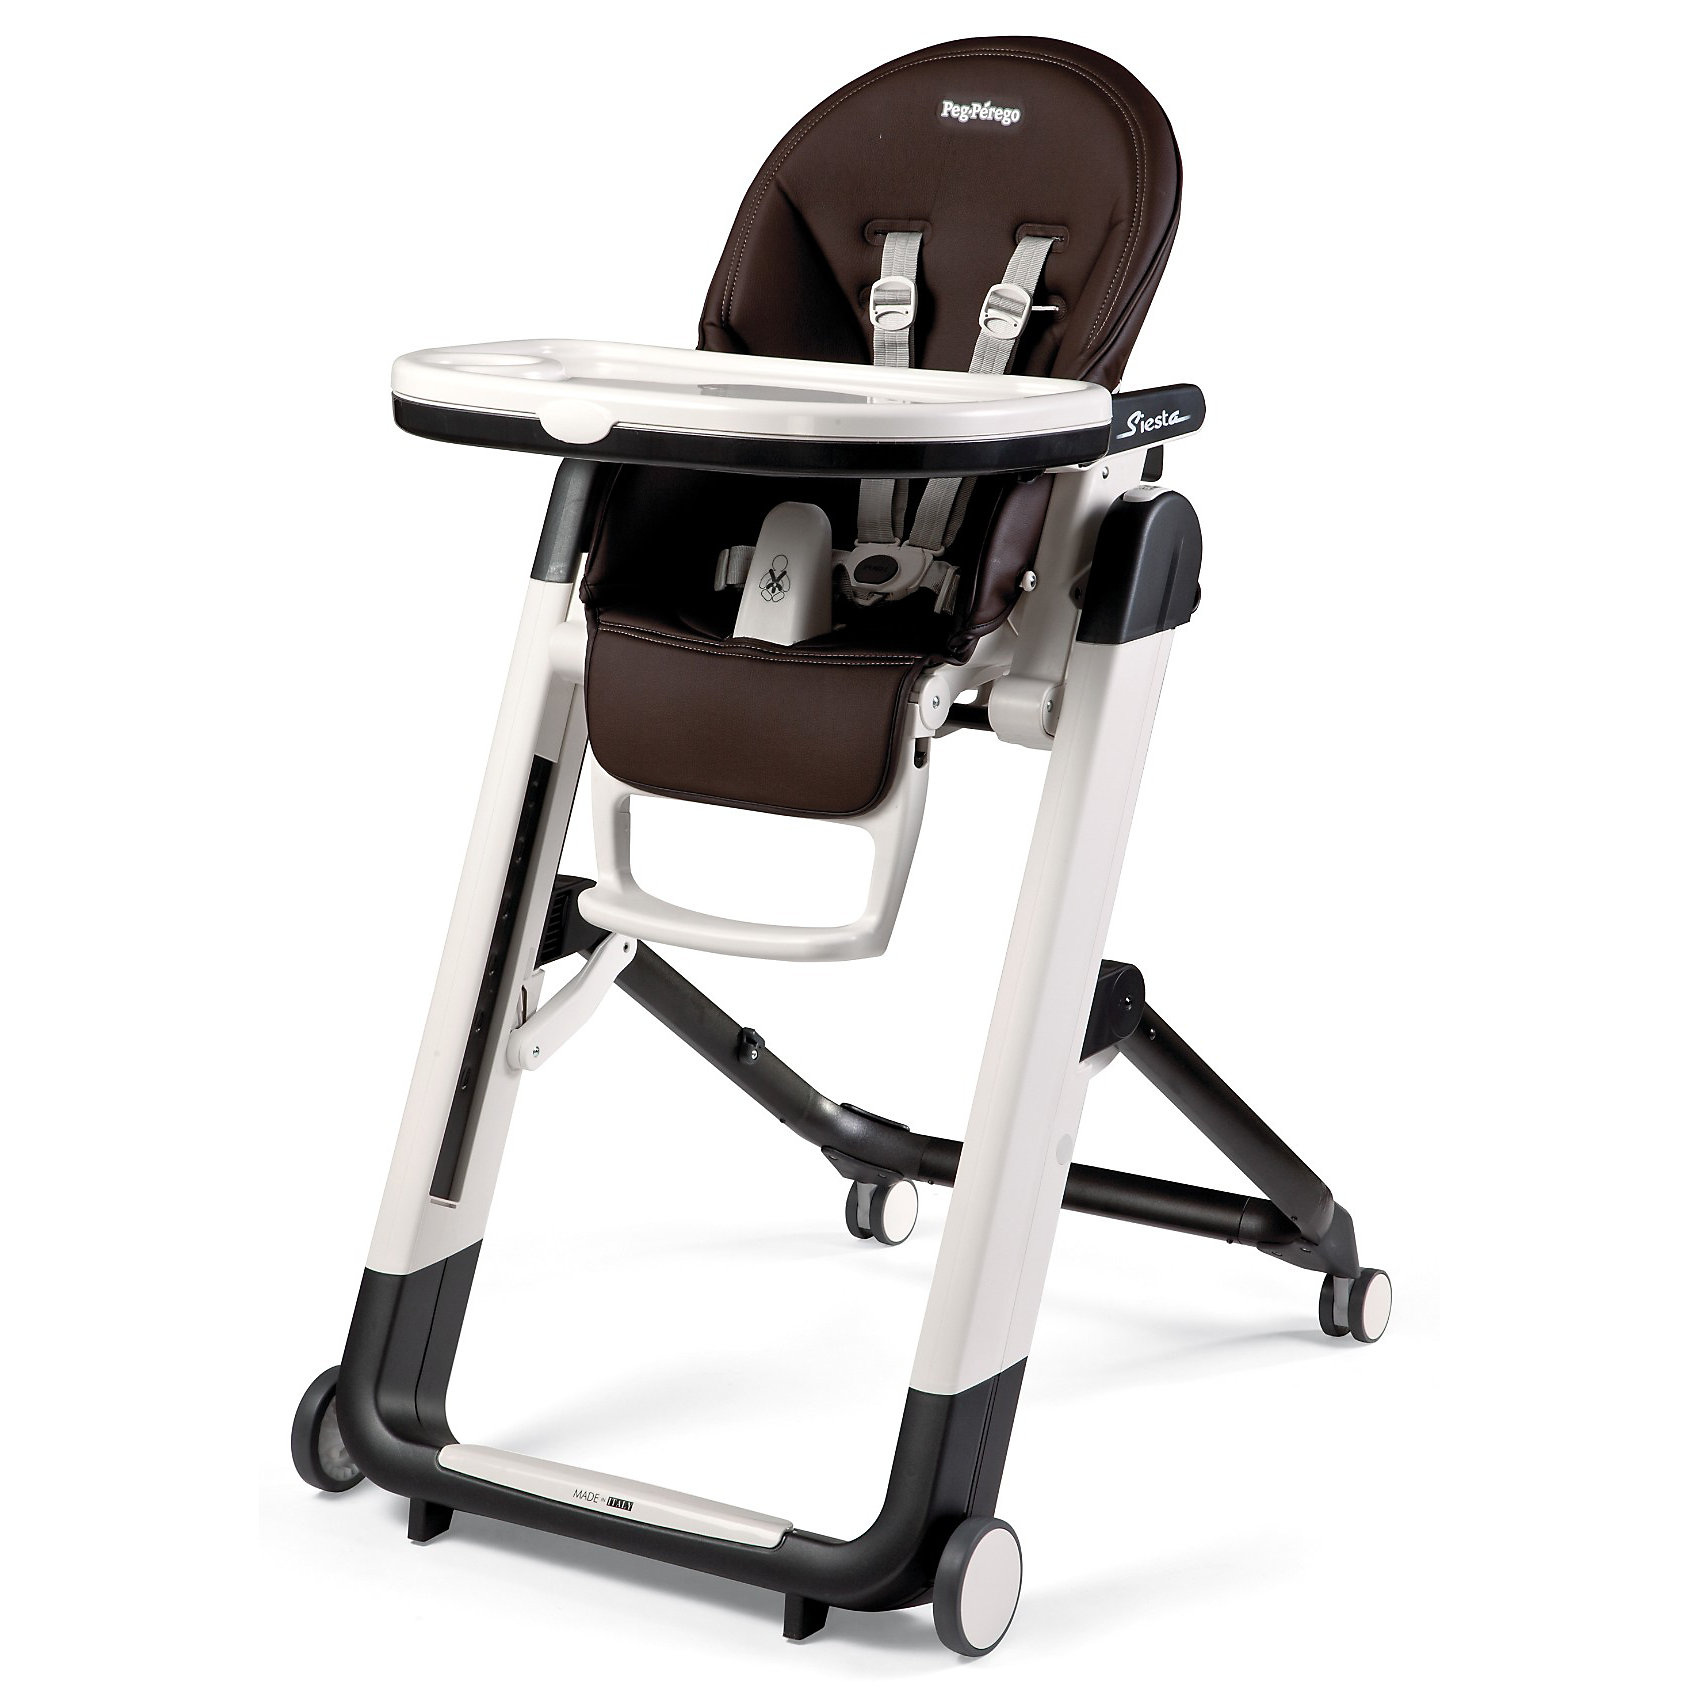 Стульчик для кормления Siesta, Peg-Perego, Cacao шоколадСтульчики для кормления<br>Удобный и функциональный стульчик Siesta, Peg-Perego, обеспечит комфорт и безопасность Вашего малыша во время кормления. Спинка сиденья легко регулируется в 5 положениях (вплоть до горизонтального), что позволяет использовать стульчик как для кормления так и для игр и<br>сна. Широкое и эргономичное мягкое сиденье будет удобно как малышу, так и ребенку постарше. Стульчик оснащен регулируемыми 5-точечными ремнями безопасности, а планка-разделитель для ножек под столиком не даст малышу соскользнуть. Высота стула регулируется в 9<br>положениях (от 33 до 65 см. от пола). Подножка регулируется в 3 позициях, позволяя выбрать оптимальное для ребенка положение. На задней части спинки размещается сетка для мелочей.<br><br>Широкий съемный столик оснащен подносом с отделениями для кружки или стакана, поднос можно снять для быстрой чистки и использовать основную поверхность для игр и занятий. Для детей постарше стул можно использовать без столика для кормления, придвинув его к столу<br>для взрослых. Ножки оснащены колесиками с блокираторами, что позволяет легко перемещать стульчик по комнате. Кожаный чехол легко снимается для чистки. Стульчик легко и компактно складывается и занимает мало места при хранении. Подходит для детей в возрасте от 0<br>месяцев до 3 лет.<br><br>Дополнительная информация:<br><br>- Цвет: Cacao шоколад.<br>- Материал: пластик, эко-кожа.<br>- Высота спинки сиденья: 44 см.<br>- Ширина сиденья: 27 см.<br>- Размер в разложенном состоянии: 60 х 75 х 104,5 см. <br>- Размер в сложенном состоянии: 60 х 35 х 89 cм. <br>- Вес: 7,6 кг.<br><br>Стульчик для кормления Siesta, Peg-Perego, Cacao шоколад, можно купить в нашем интернет-магазине.<br><br>Ширина мм: 910<br>Глубина мм: 630<br>Высота мм: 300<br>Вес г: 13600<br>Цвет: коричневый<br>Возраст от месяцев: 0<br>Возраст до месяцев: 36<br>Пол: Унисекс<br>Возраст: Детский<br>SKU: 2396302